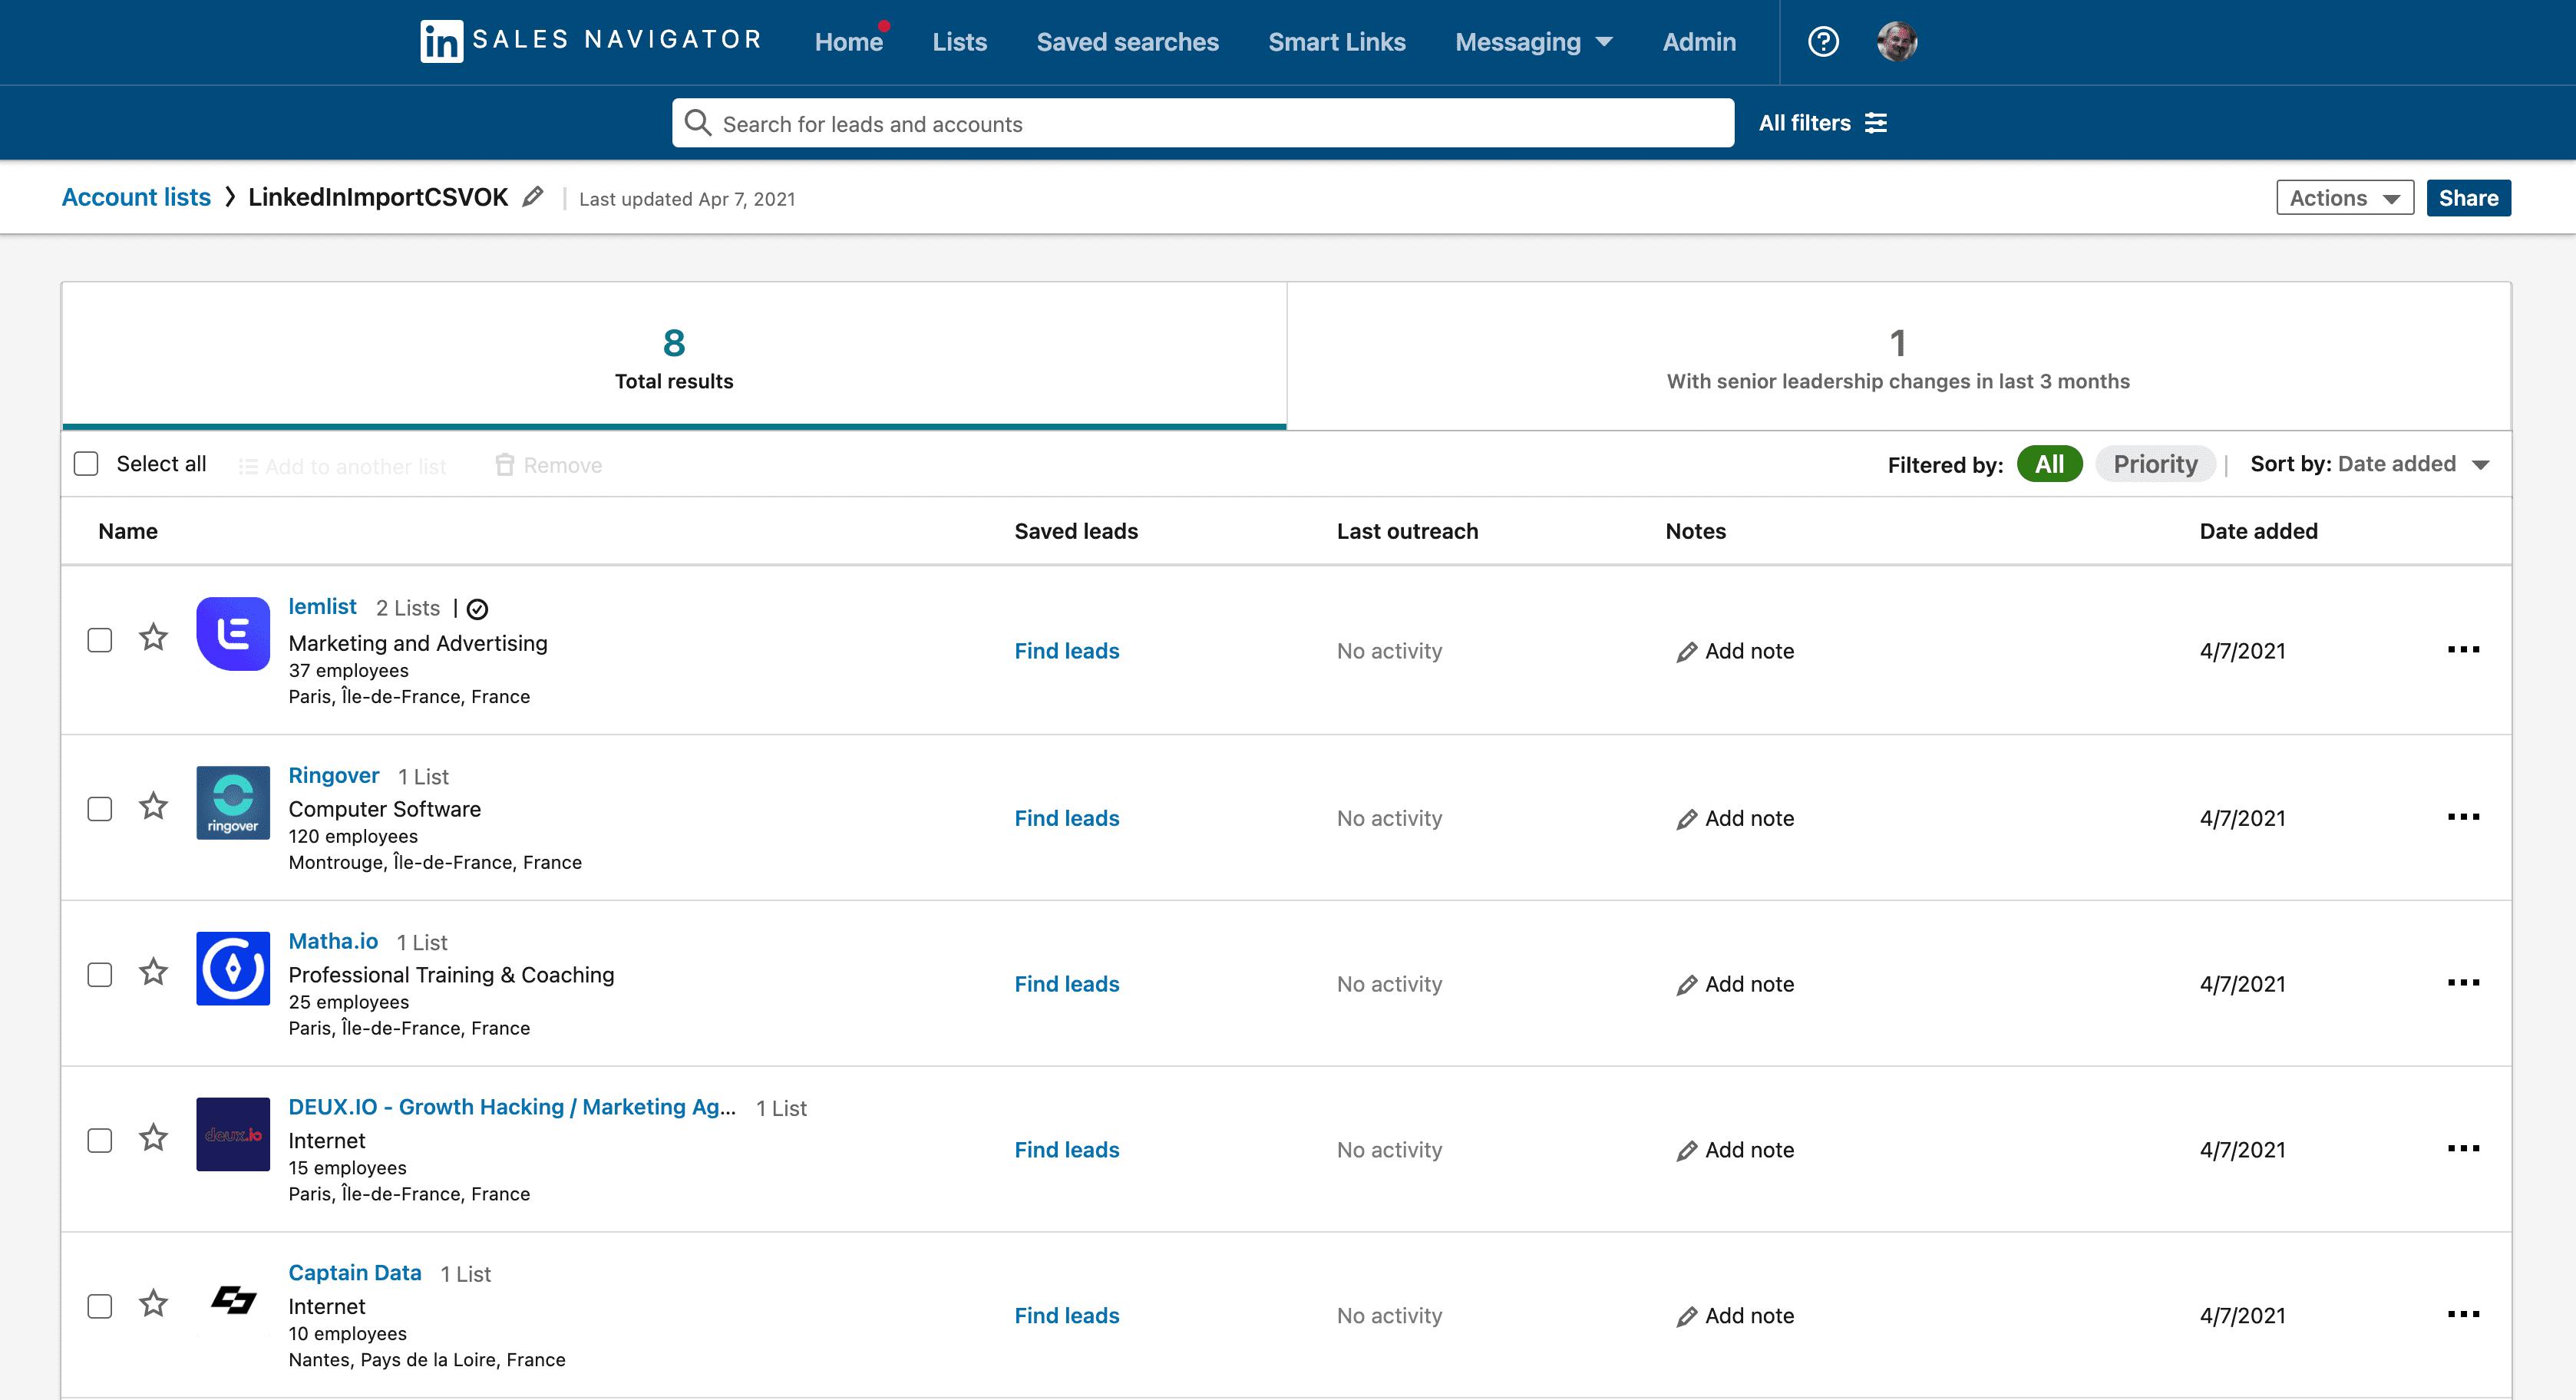 Listes de comptes dans LinkedIn Sales Navigator